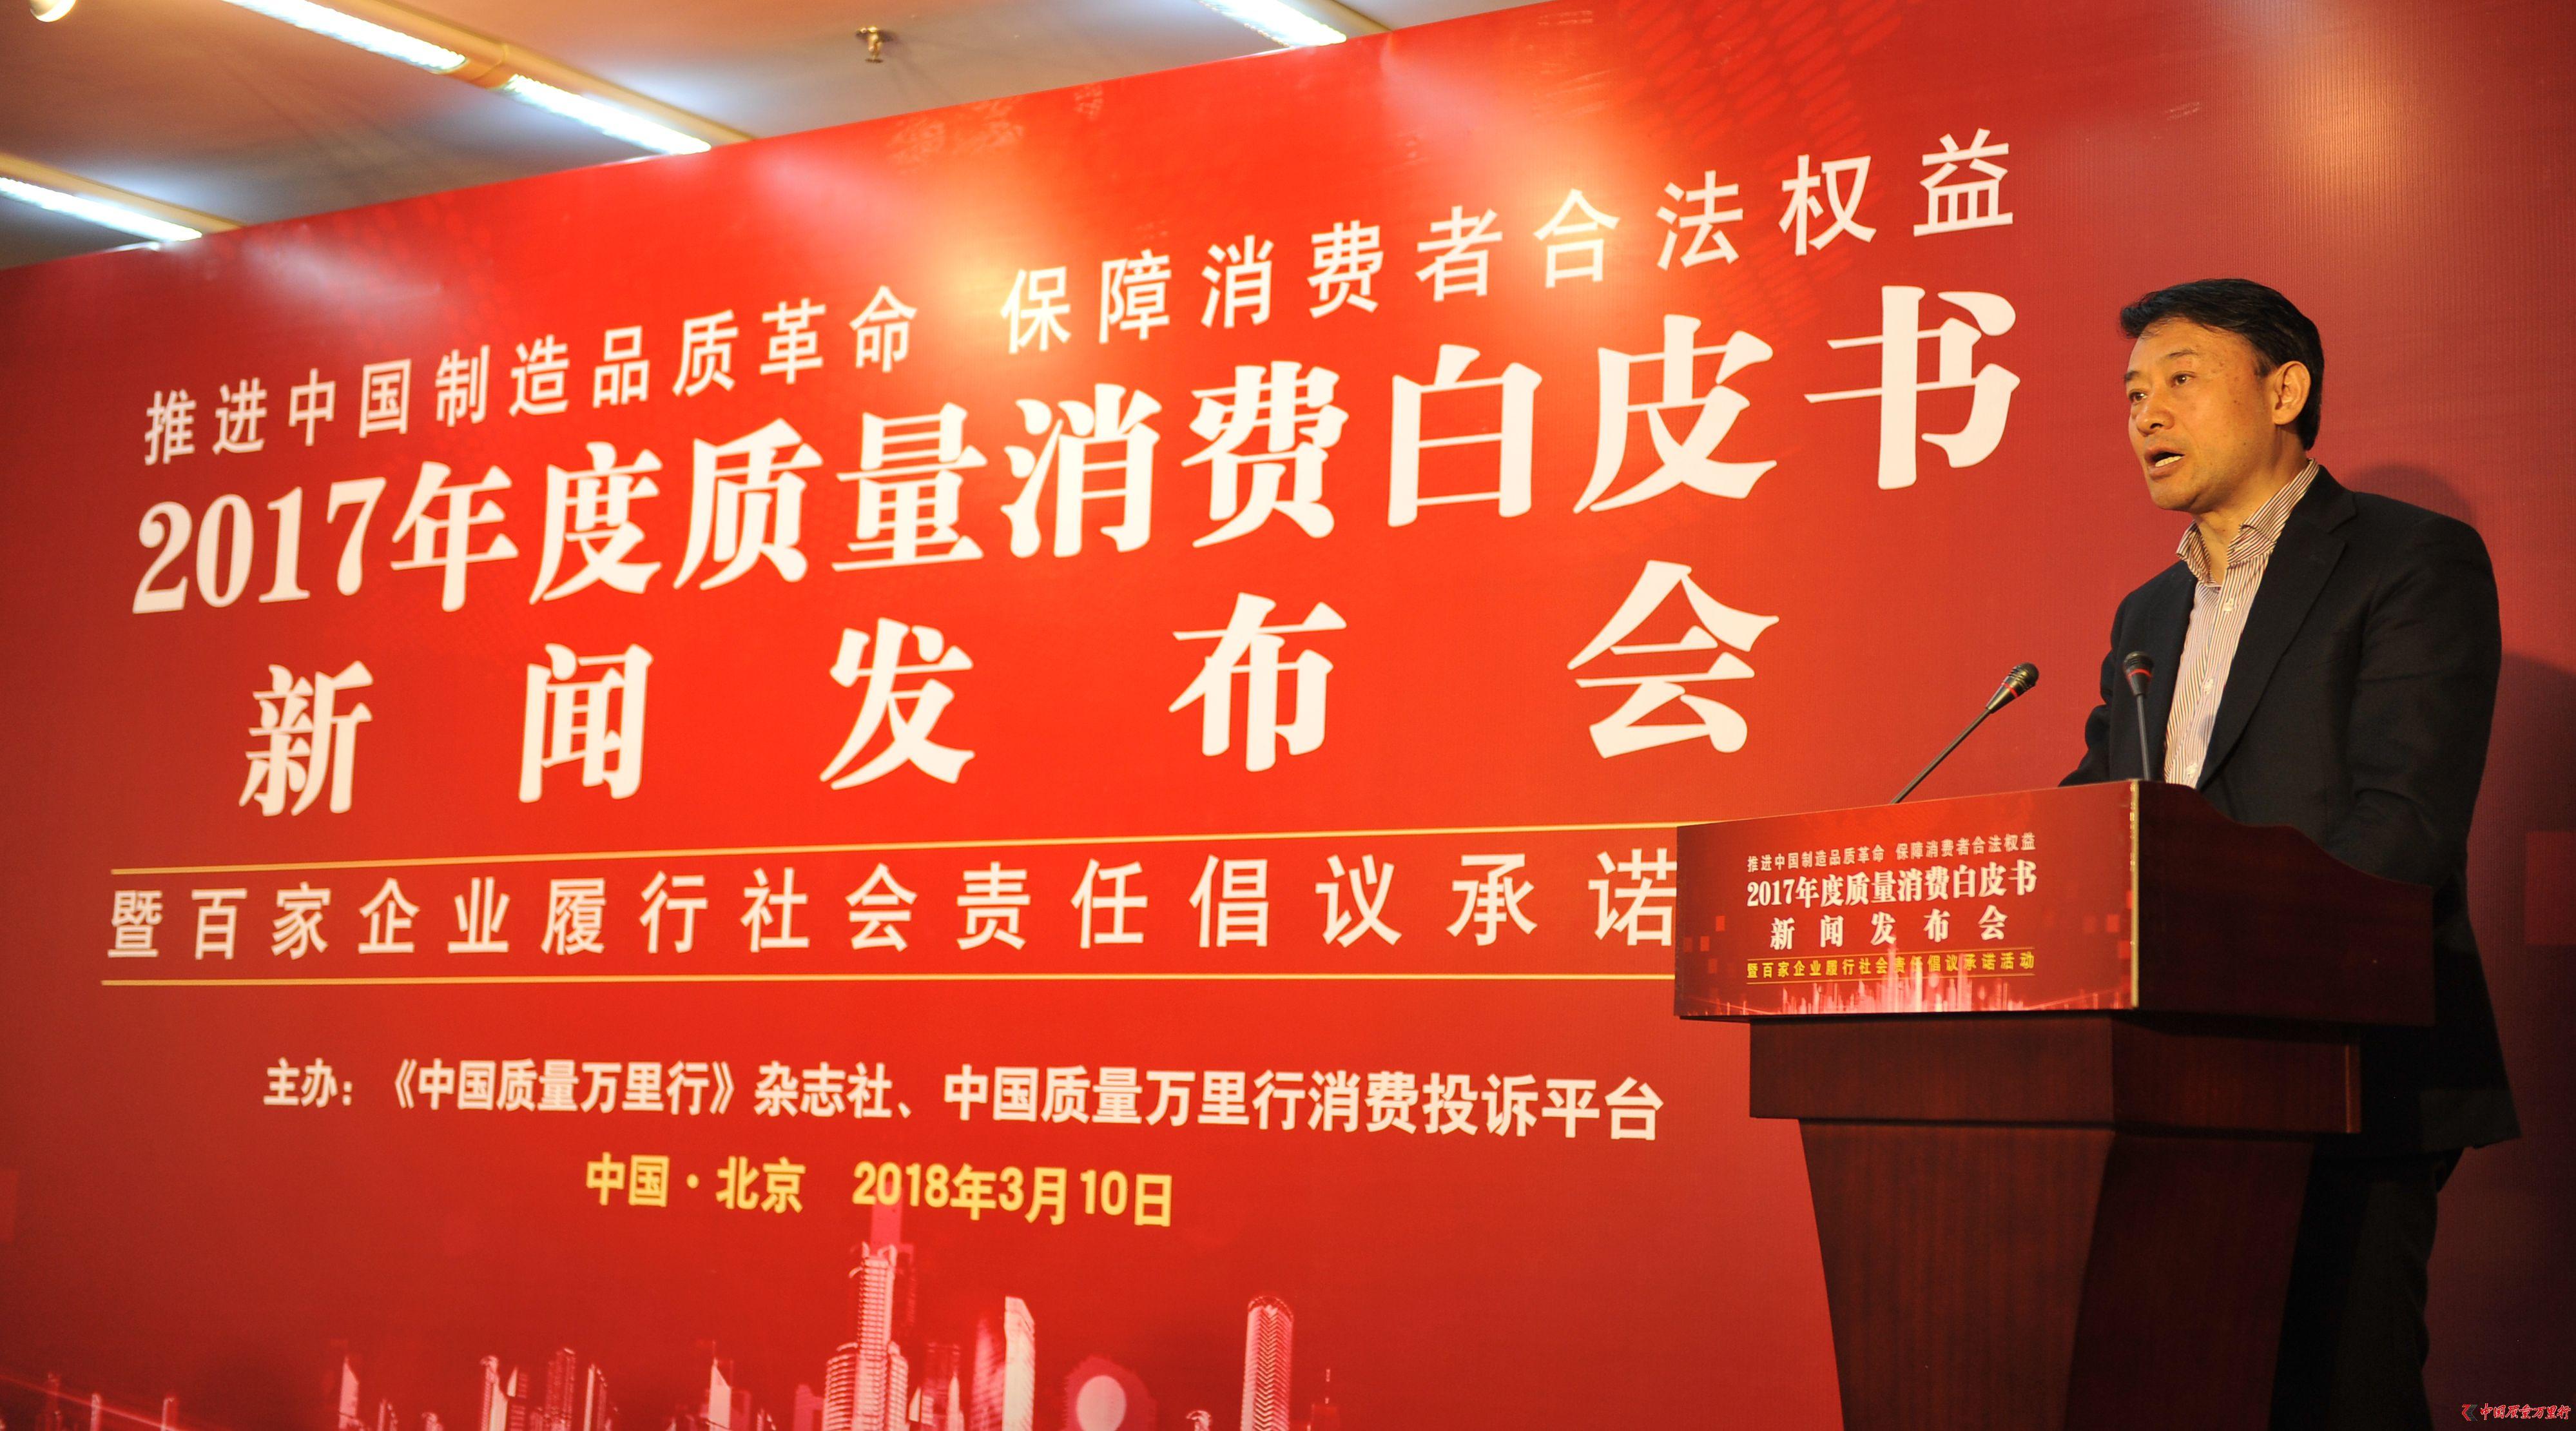 严冯敏:架起消费者与企业沟通的桥梁